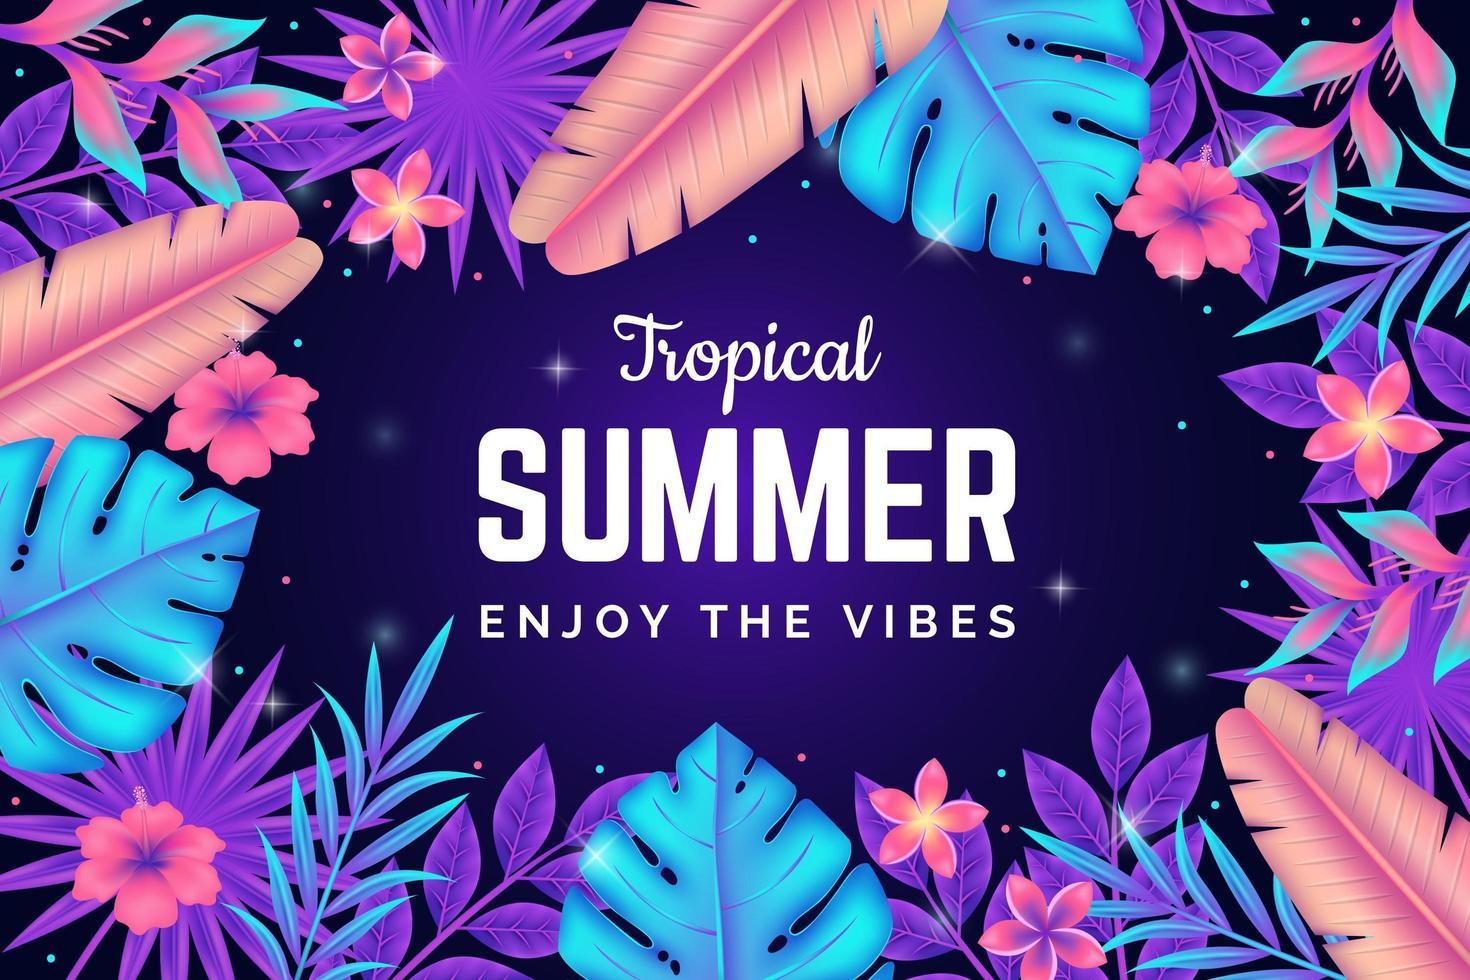 affiche de vibes d'été de fleurs et de feuilles lumineuses vecteur